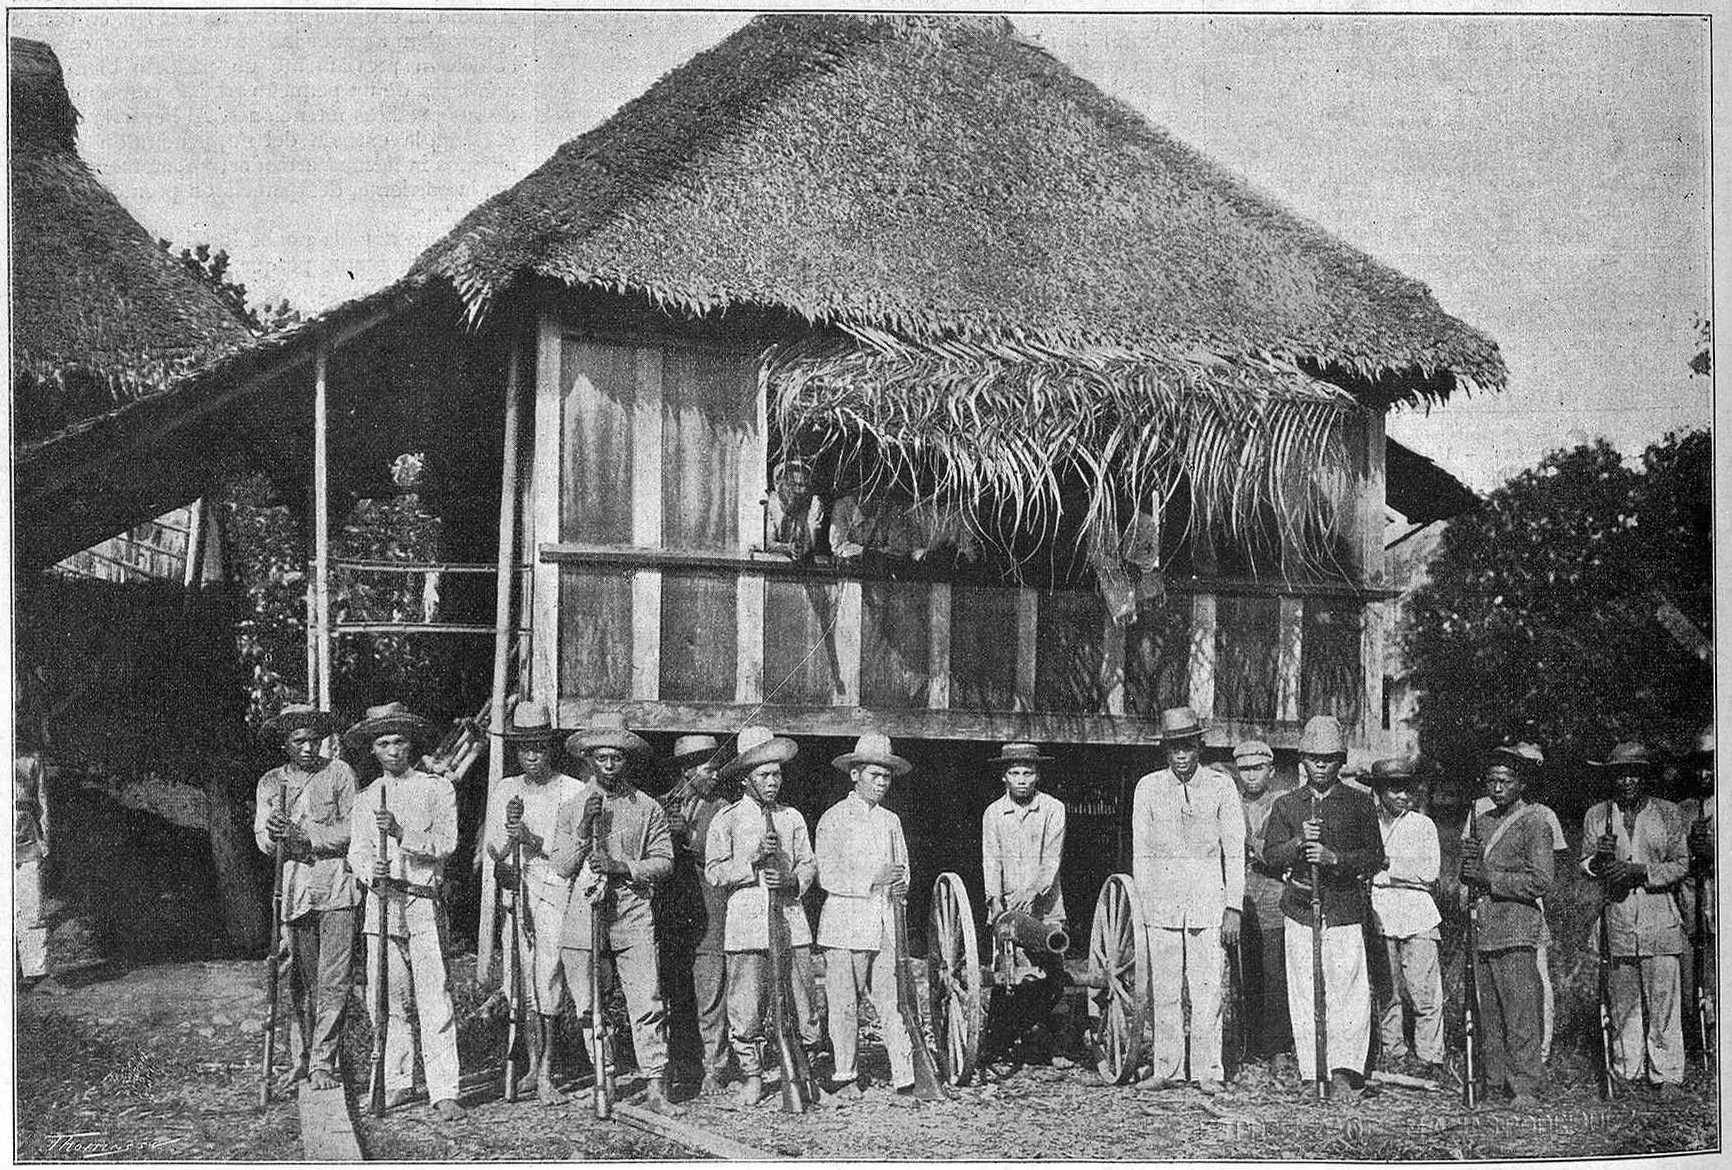 The troops of Lieutenant-Colonel Tecsón in Baler (May of 1899, La Ilustración Artística, M. Arias y Rodríguez)